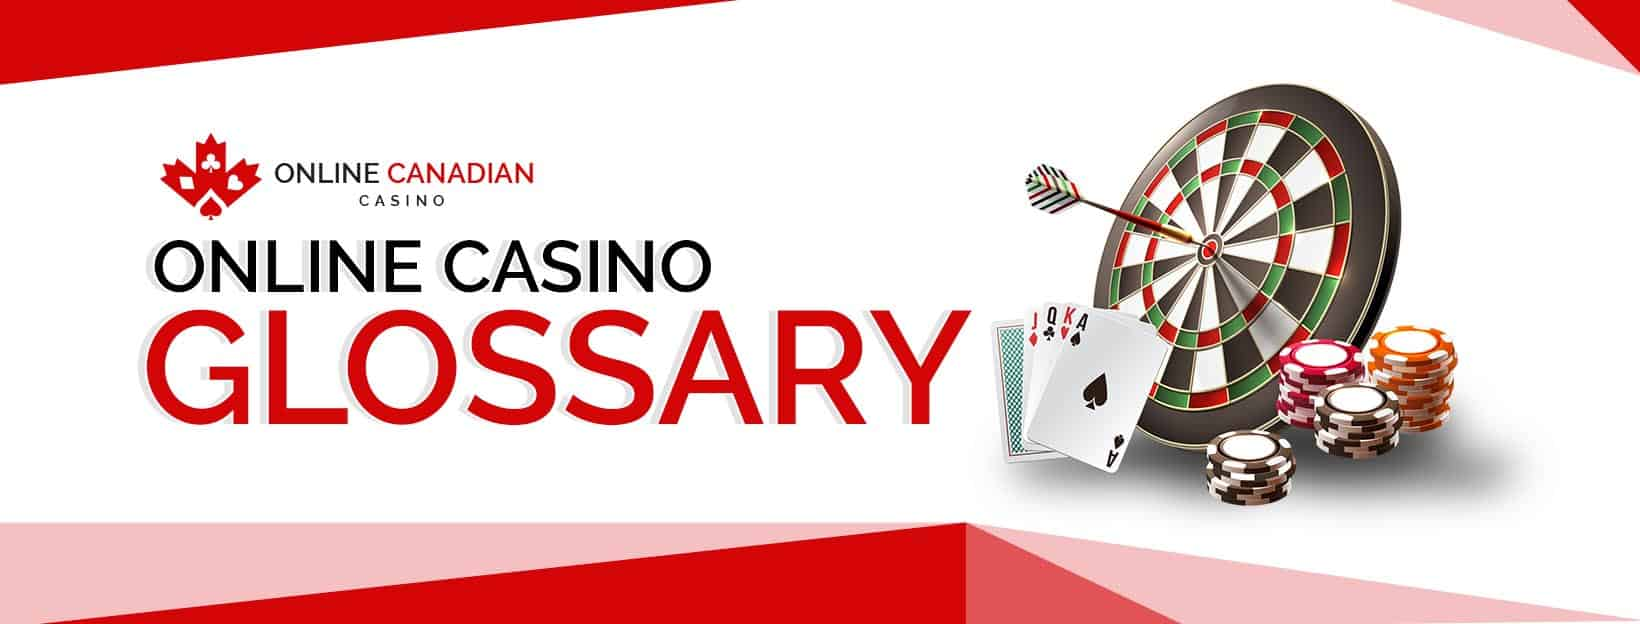 online-casino-glossary